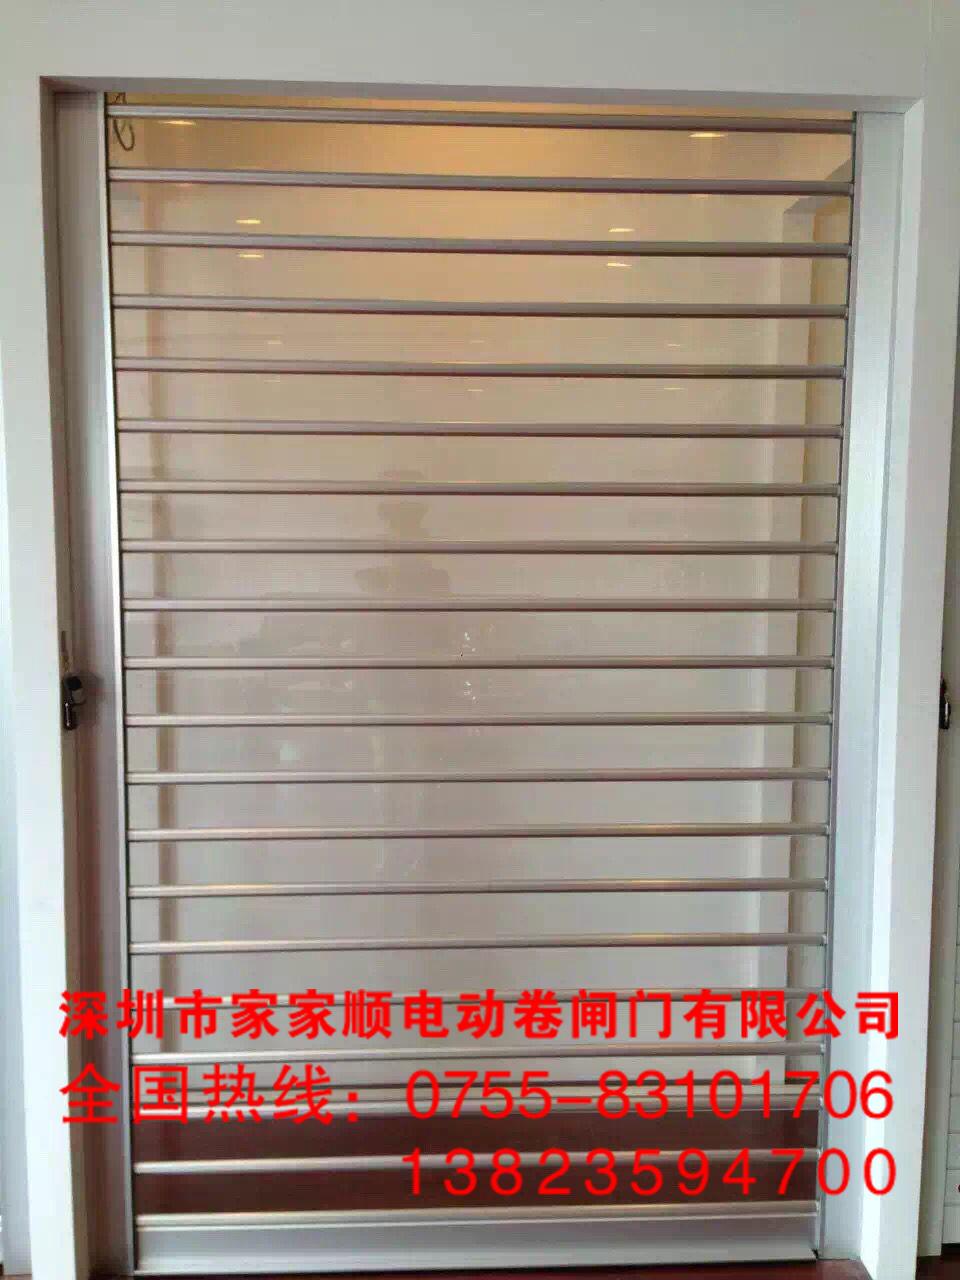 上海水晶折叠门厂家、铝合金水晶折叠门